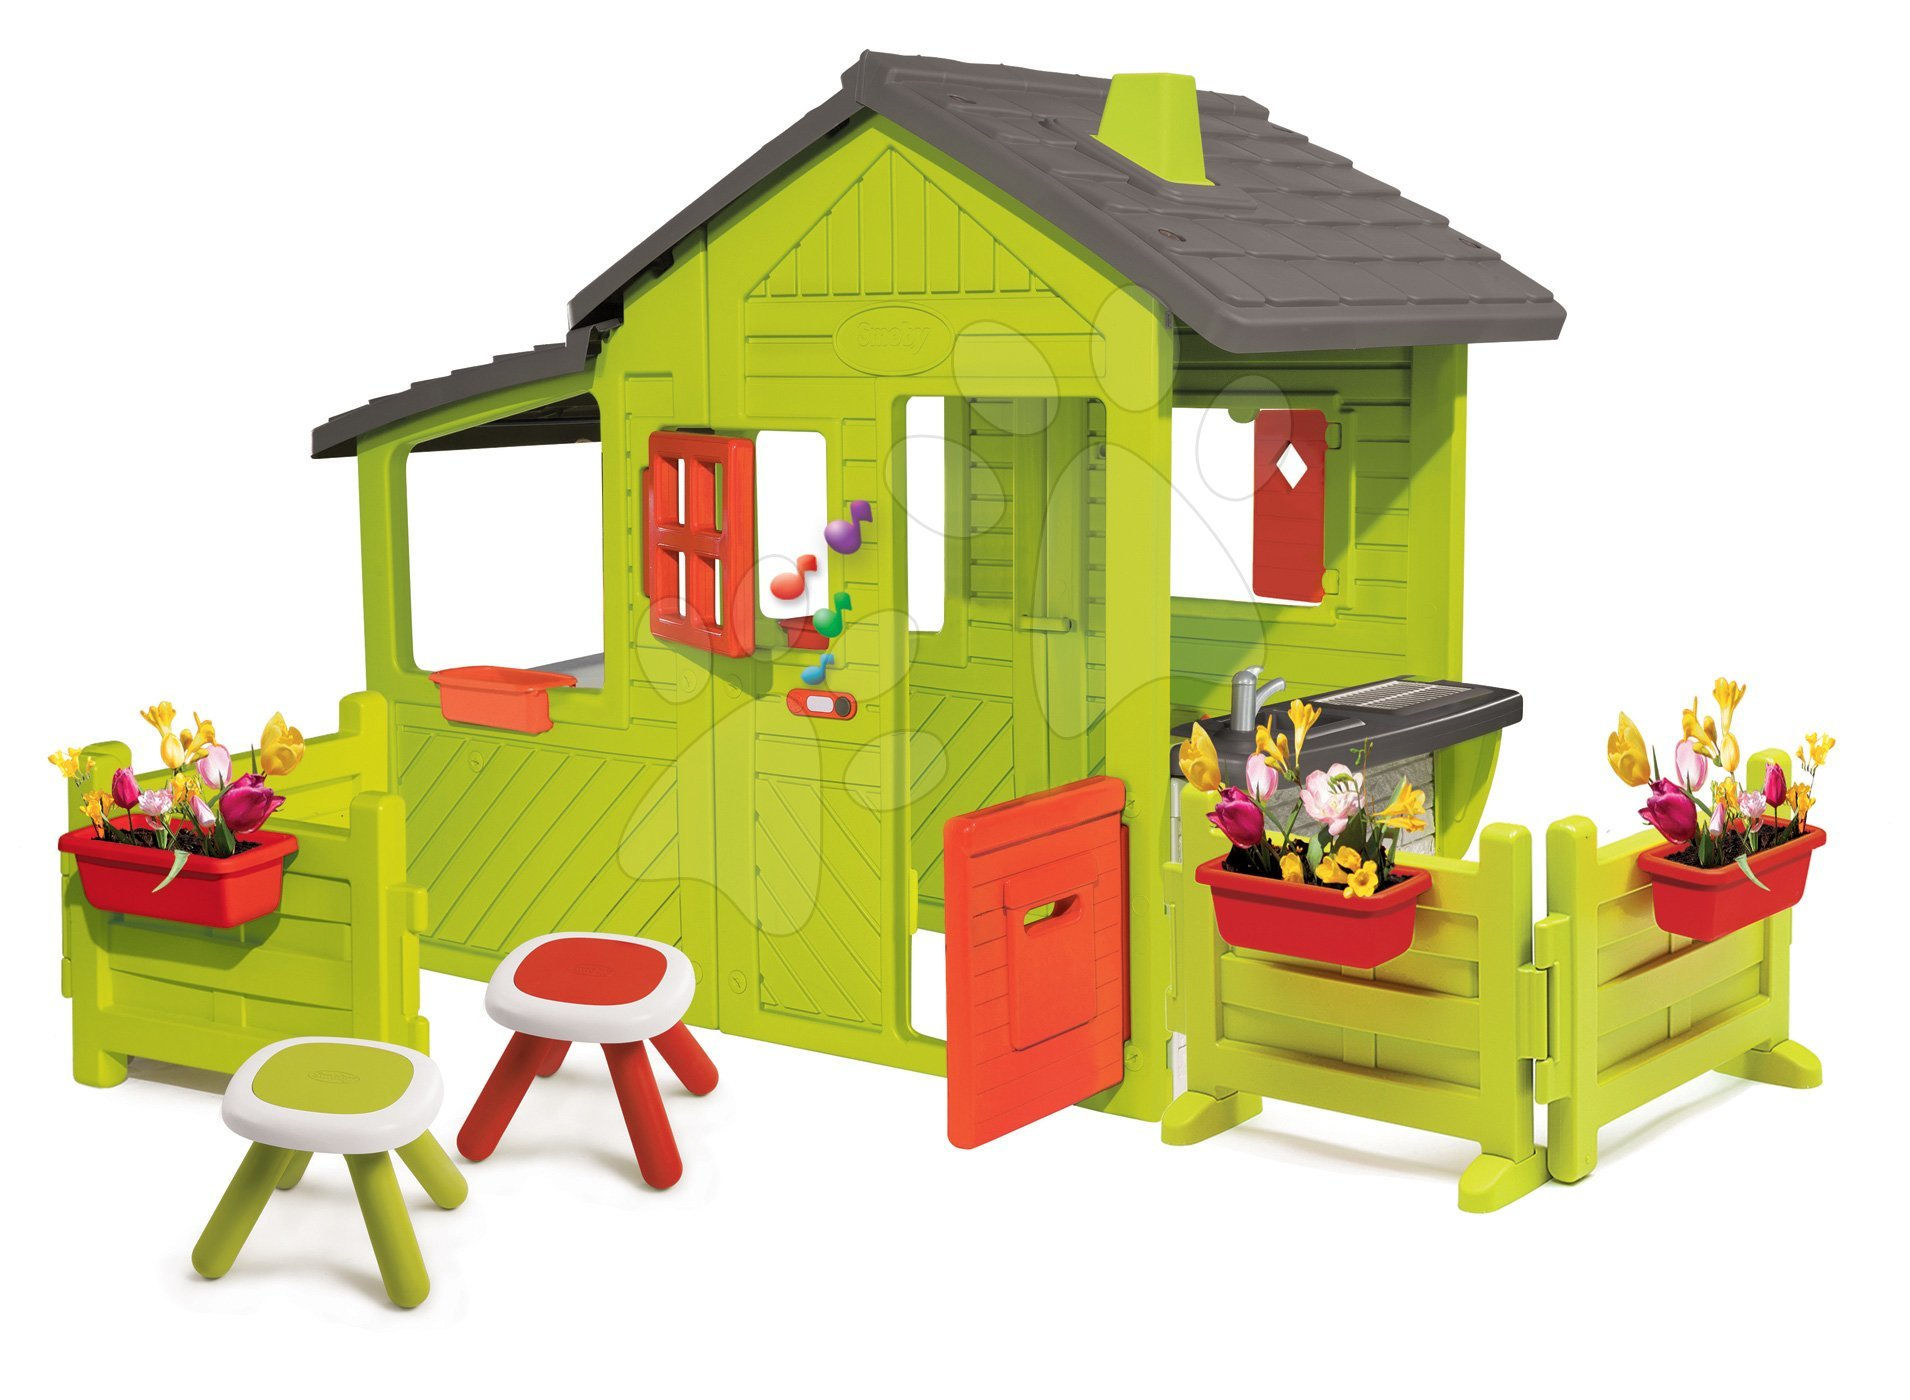 Domček Záhradník Neo Floralie Smoby so zvončekom komínom a dve záhradky a dva stolčeky